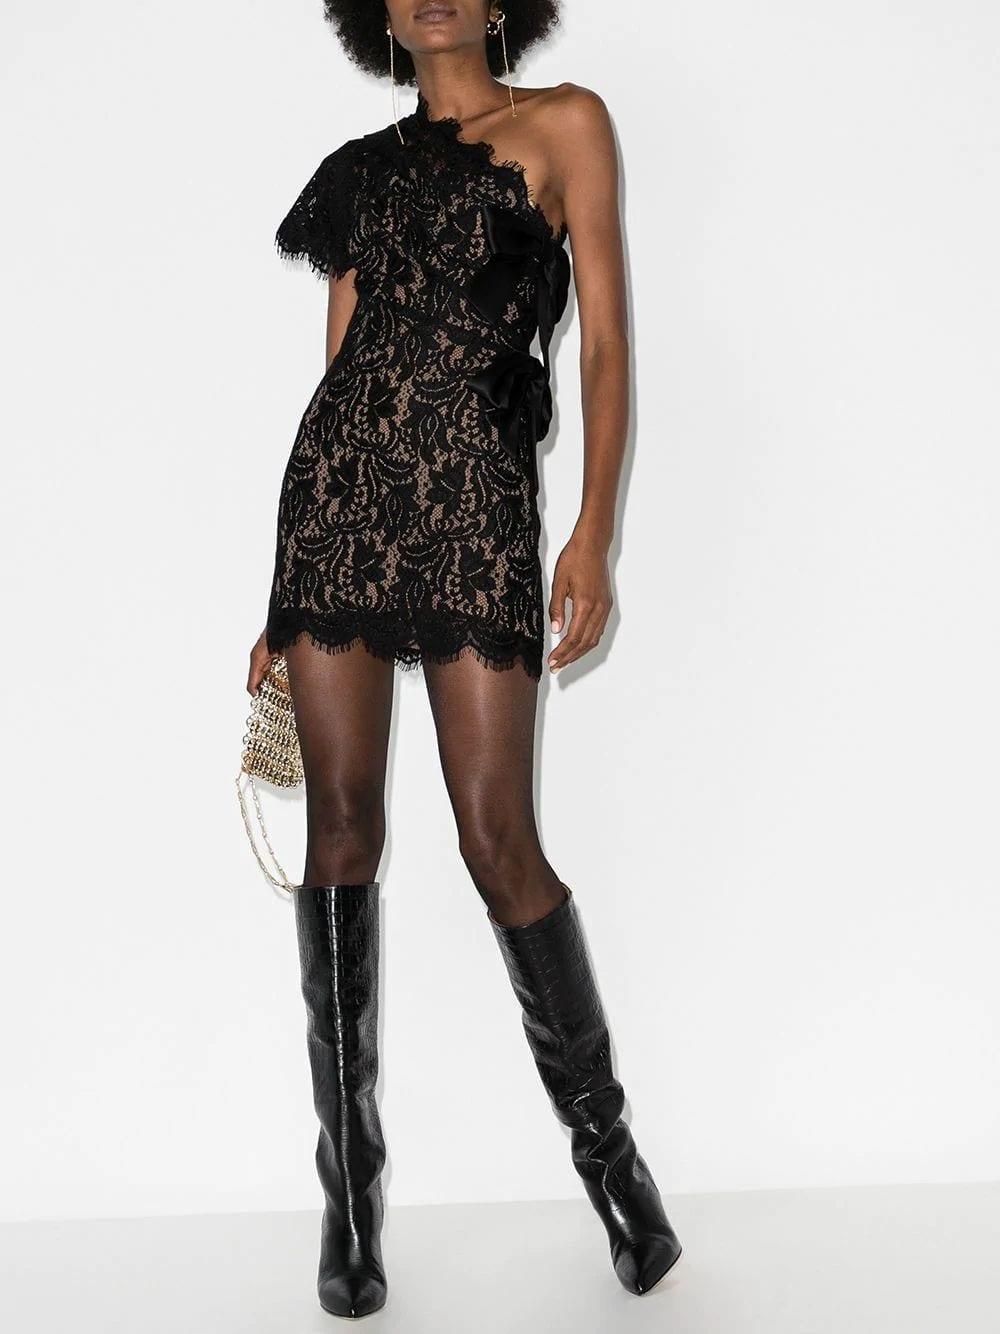 SAINT LAURENT Black Asymmetric Lace Dress